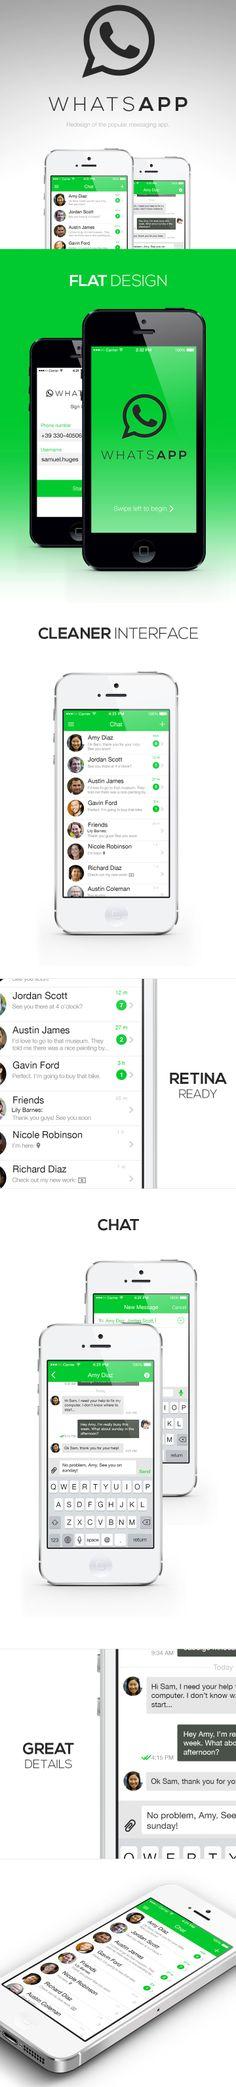 WhatsApp Redesign (iOS 7)